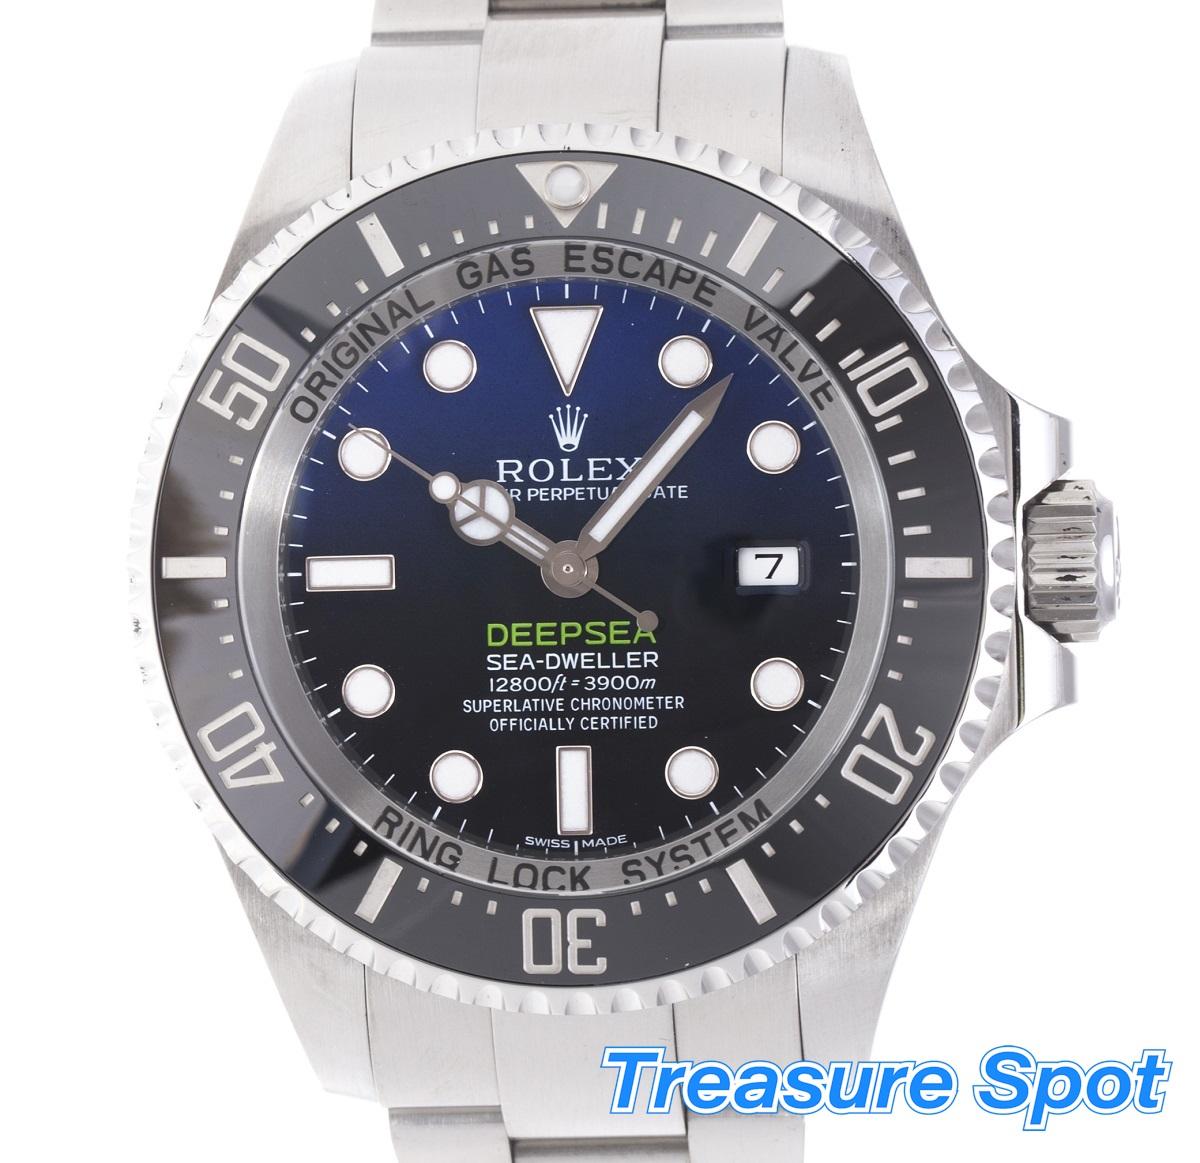 ROLEX ロレックス シードゥエラーディープシー Dブルー 116660 ランダム SS ステンレス 箱 メンズ 腕時計 送料無料 【トレジャースポット】【中古】